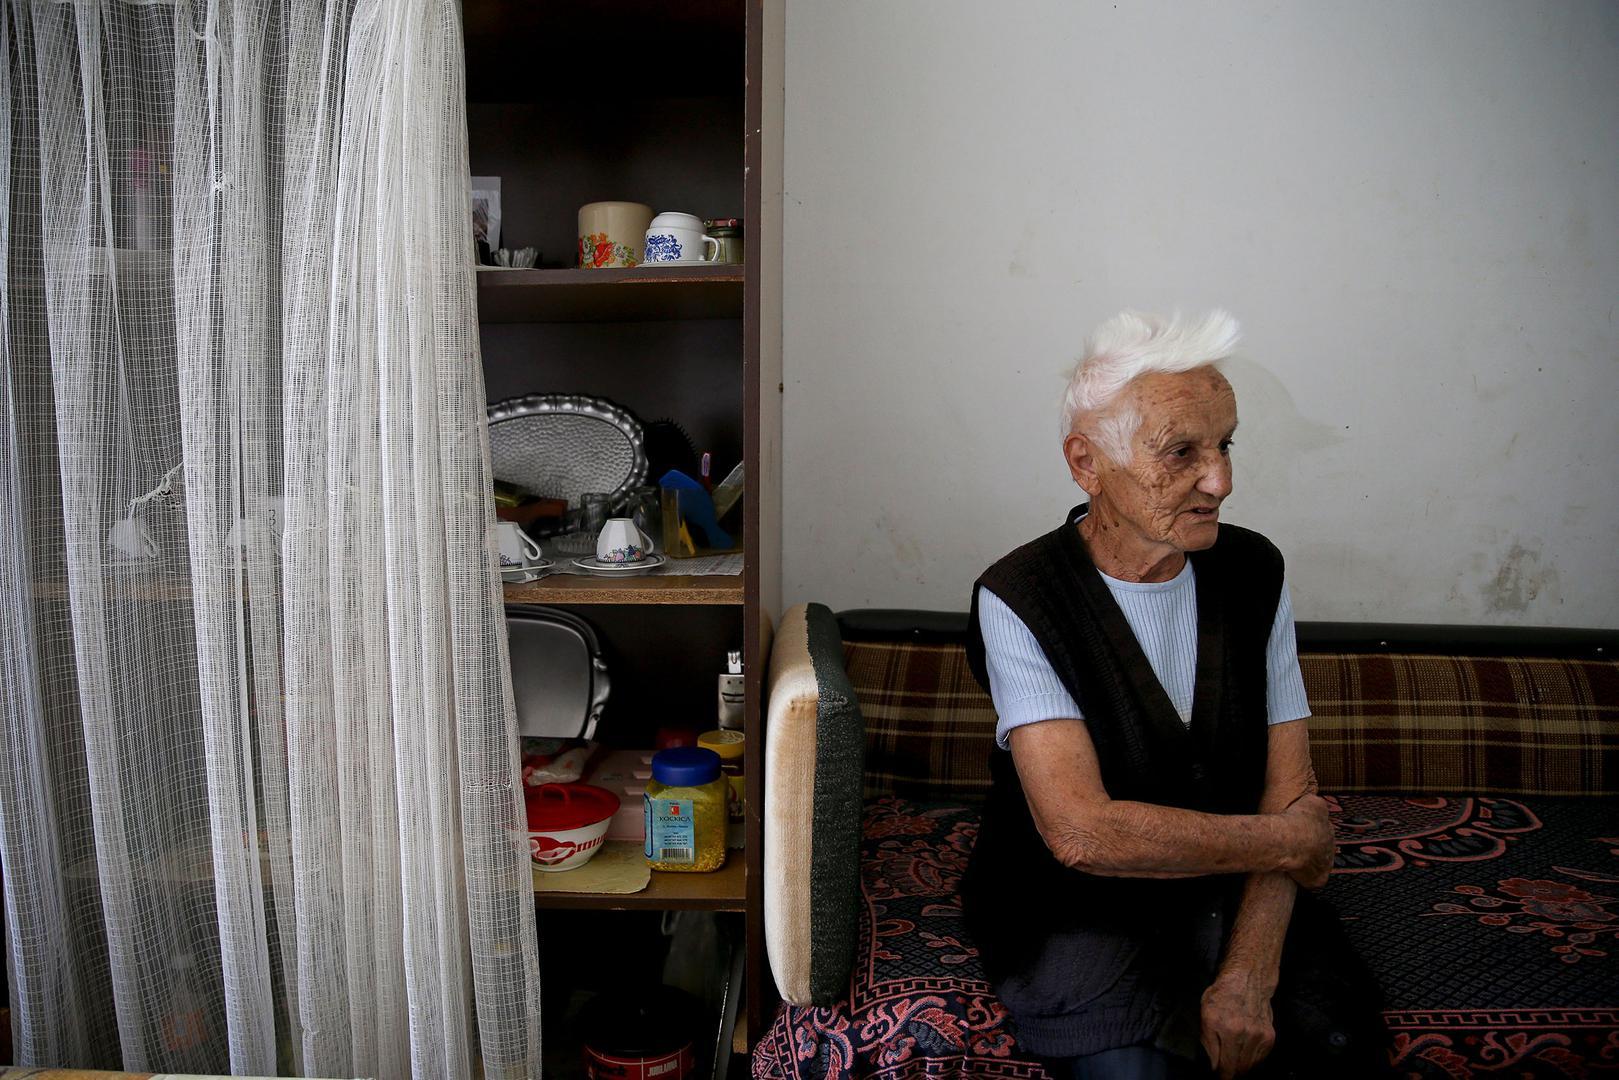 """Sofija Vidović u svojoj sobi u prihvatnom centru u blizini Modriče, Bosna i Hercegovina. """"Ovo mjesto je strašno za život"""", rekla je. """"Čak nemamo ni toalete. Voljela bih da imam lijepo mjesto za život gdje mogu pozvati goste. """"Vidović je jedna od 92.000 in"""